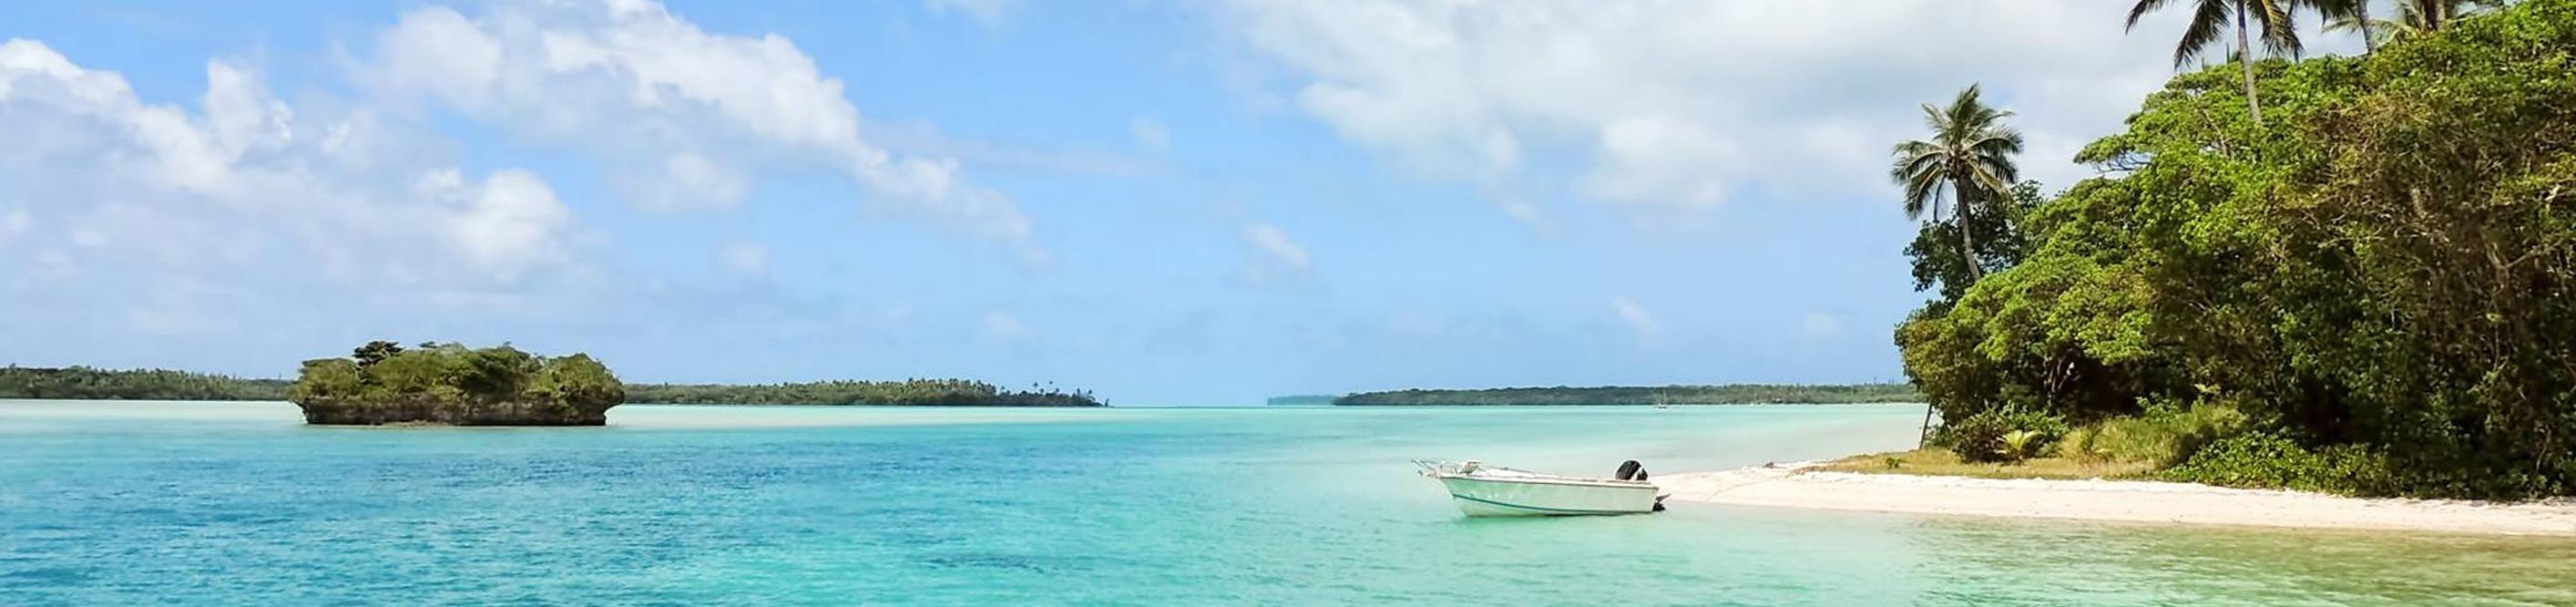 Antigua cabin charters